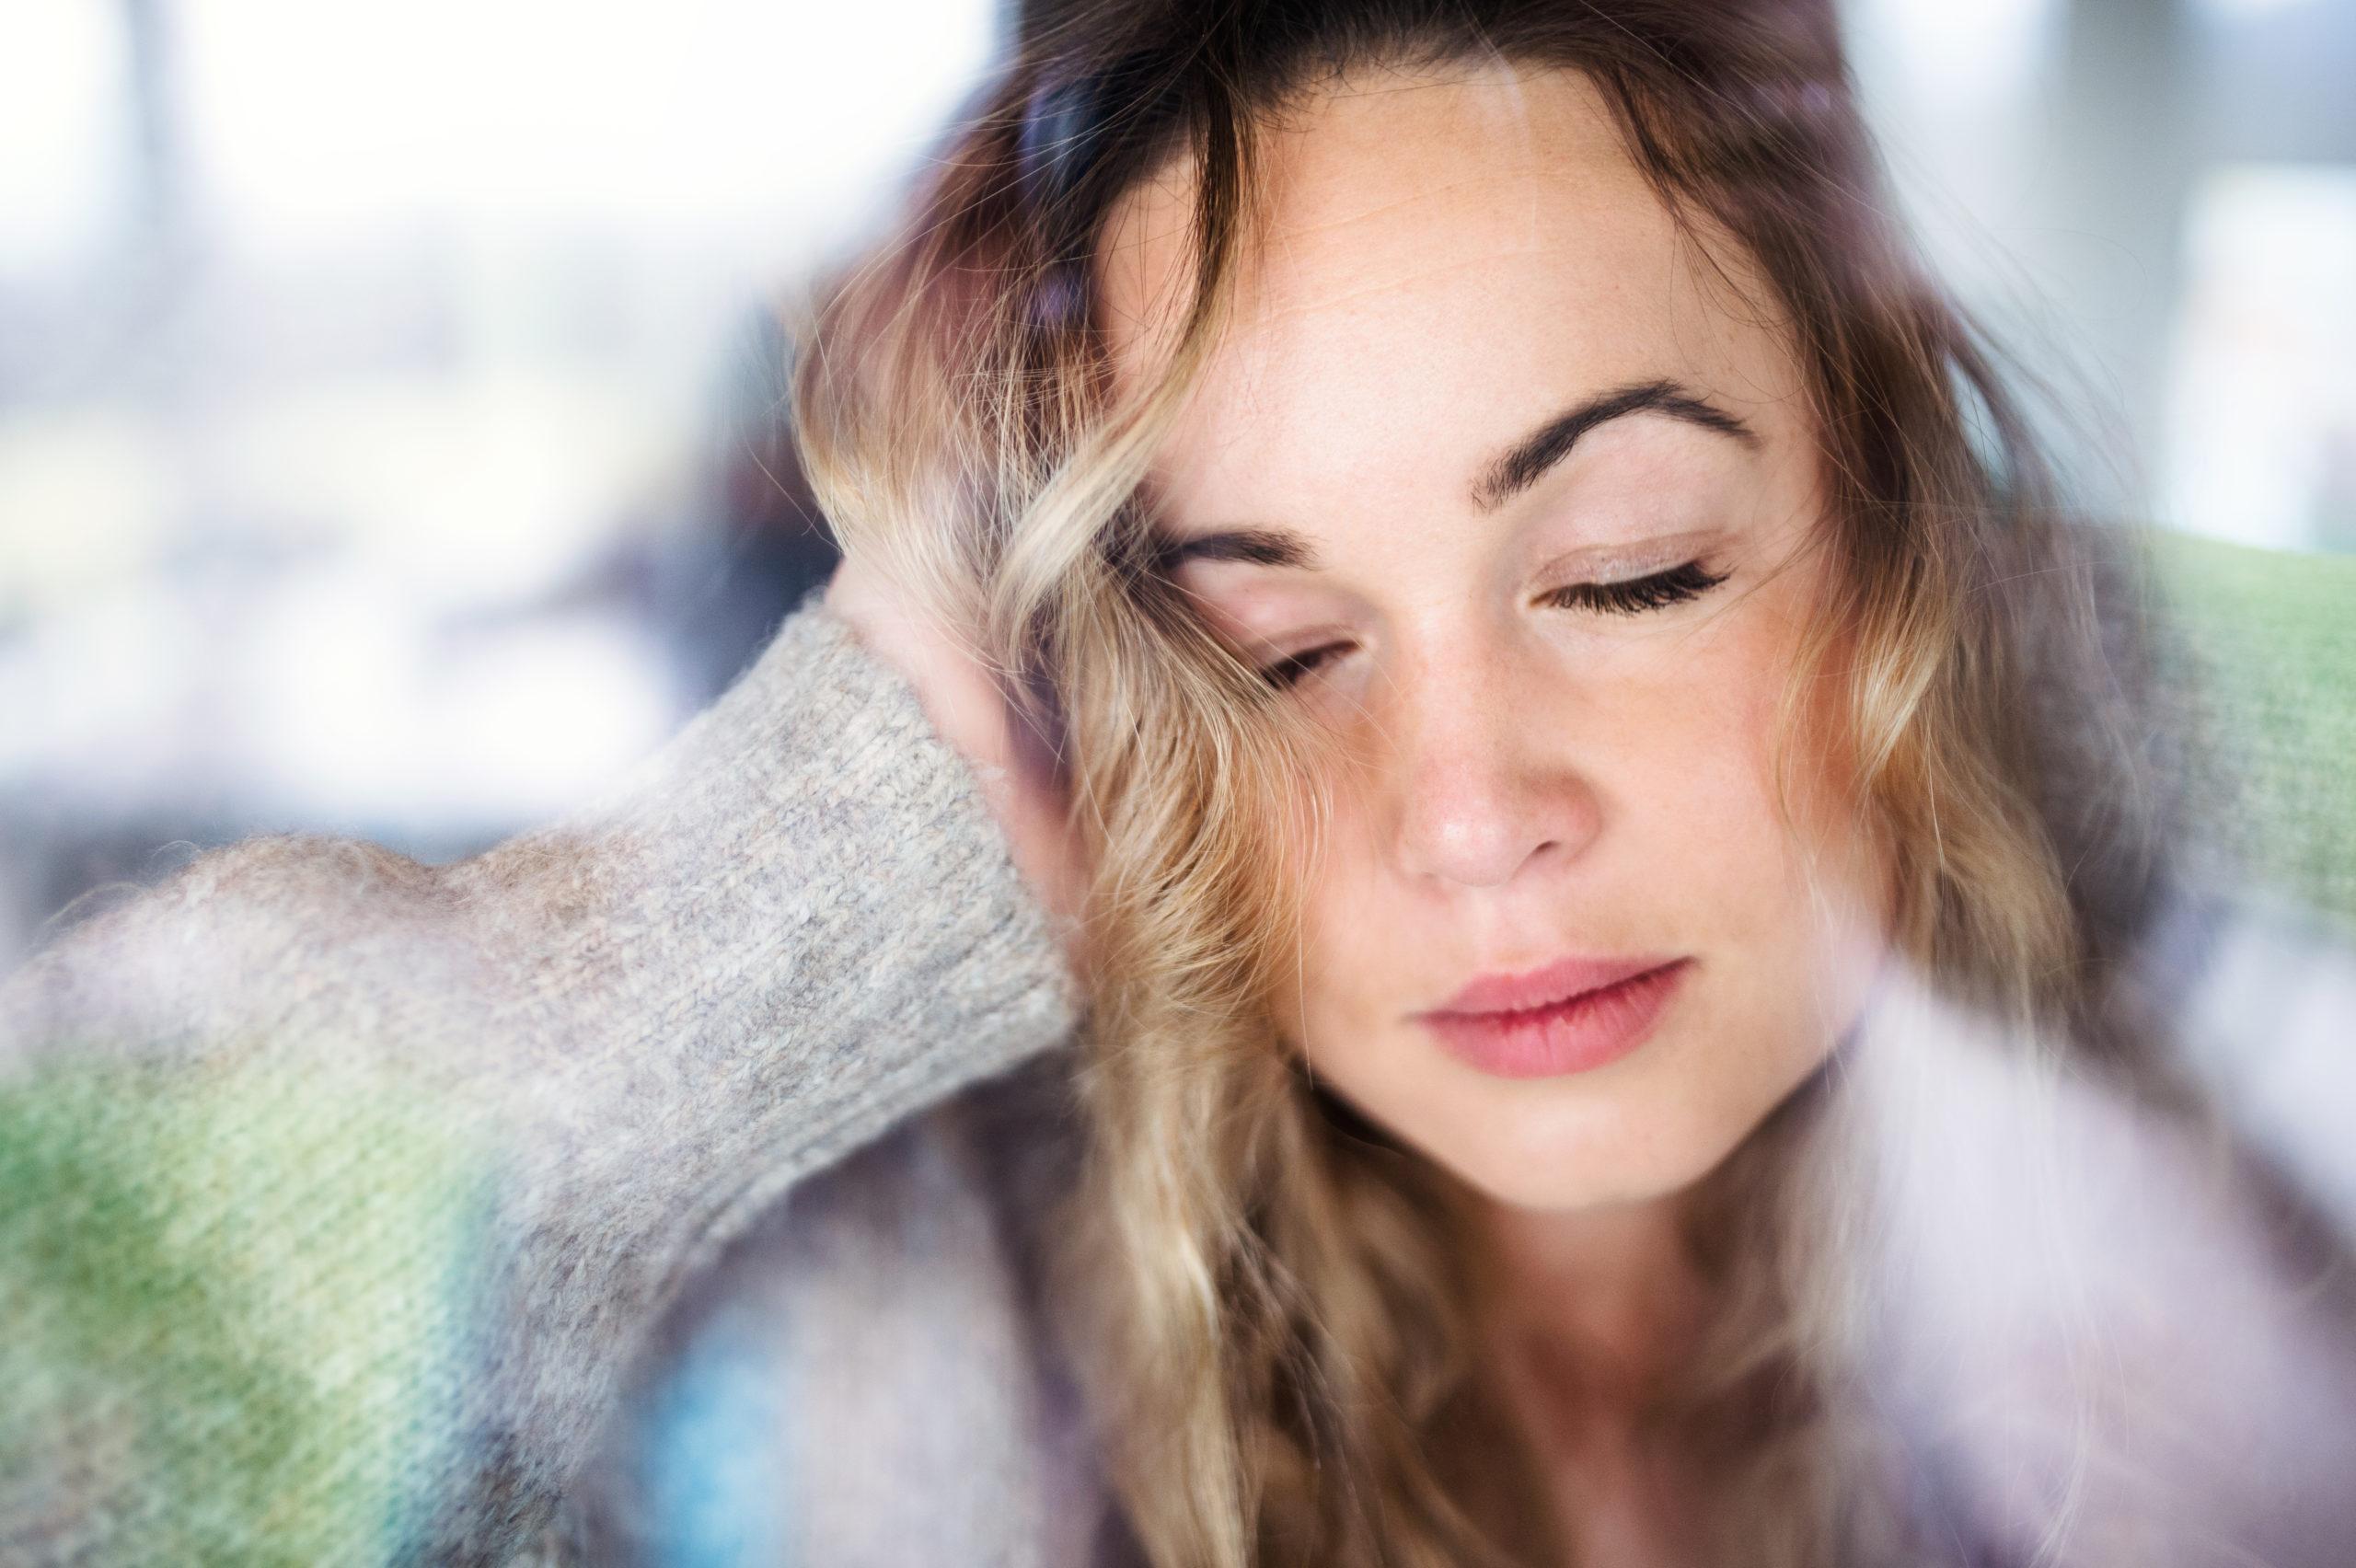 Mulher triste e desolada com crise no relacionamento